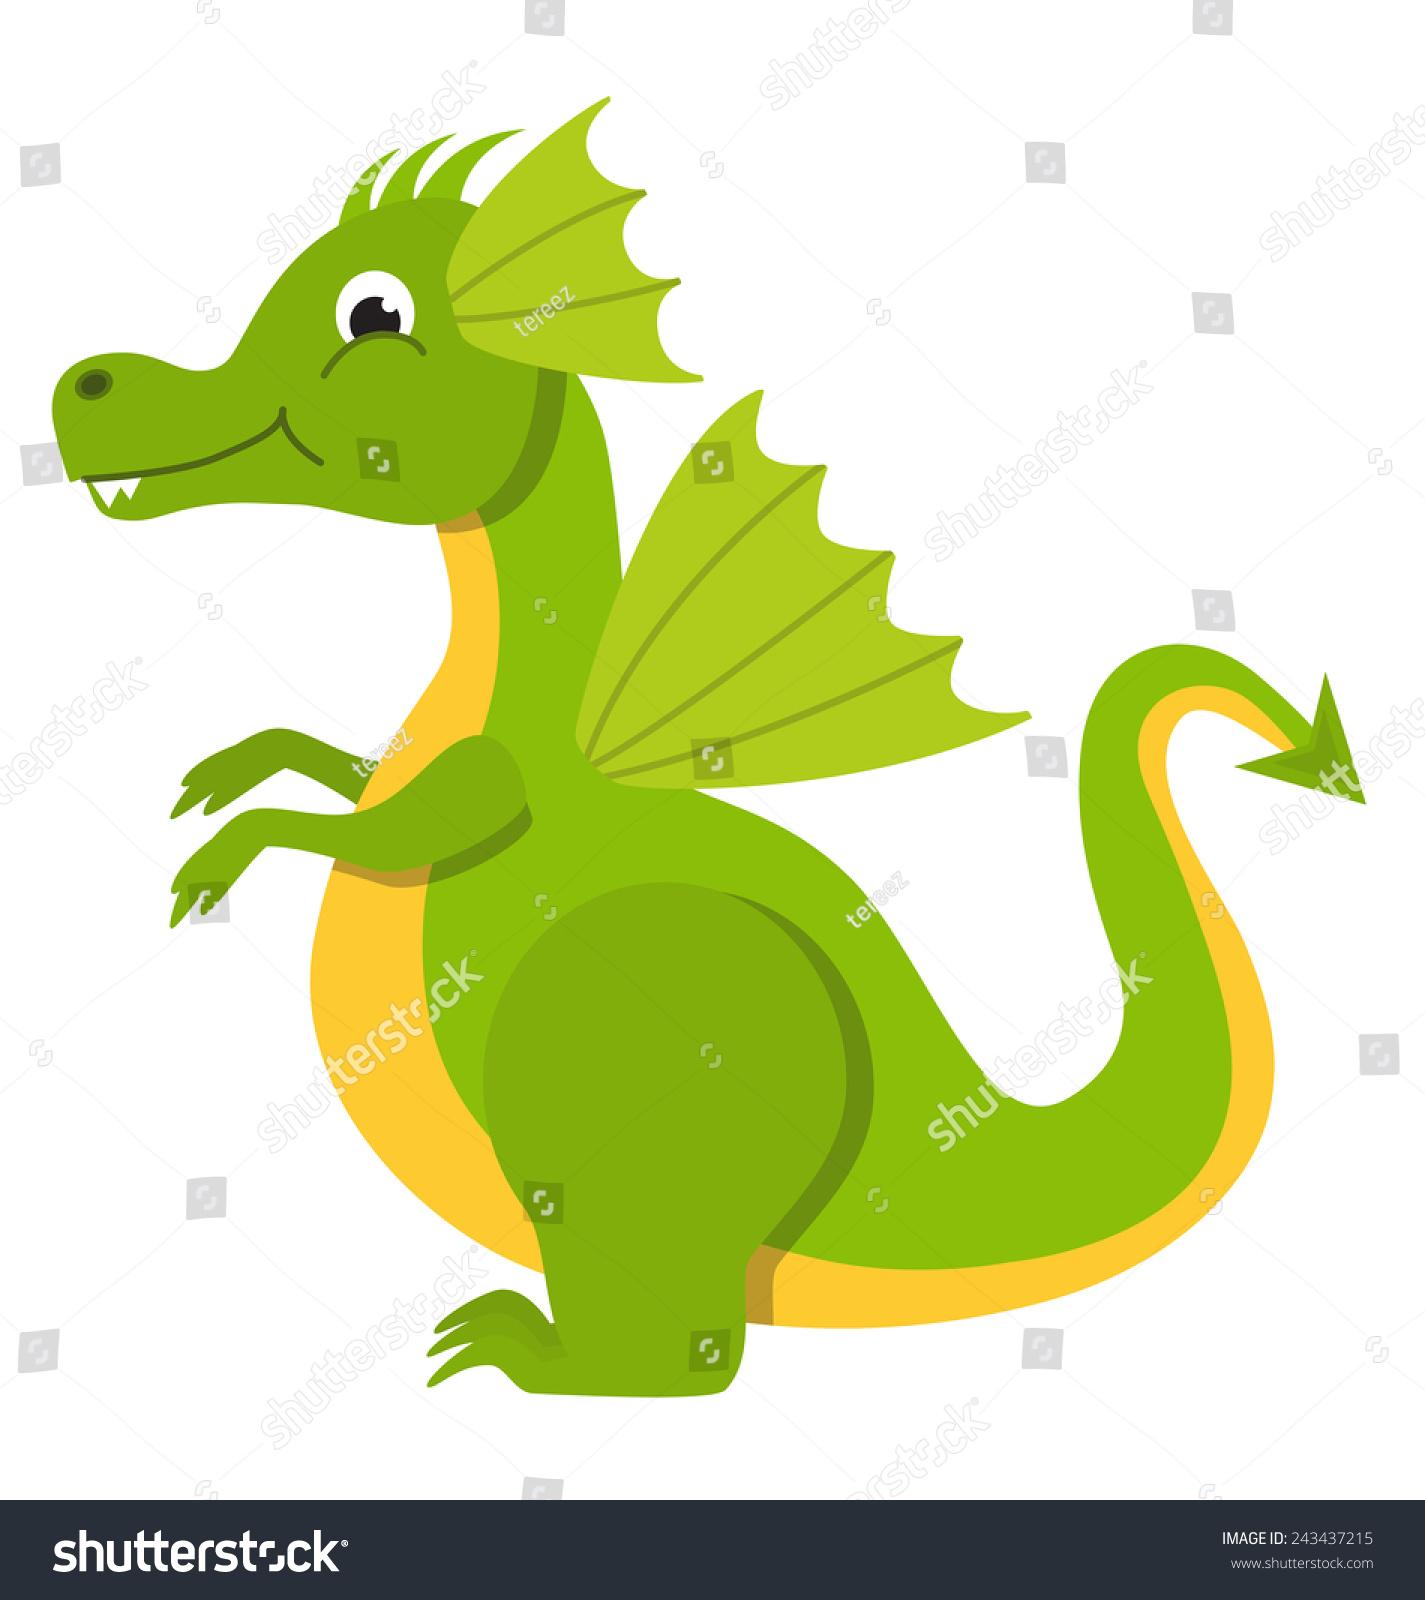 可爱向量龙-动物/野生生物-海洛创意(hellorf)-中国-.